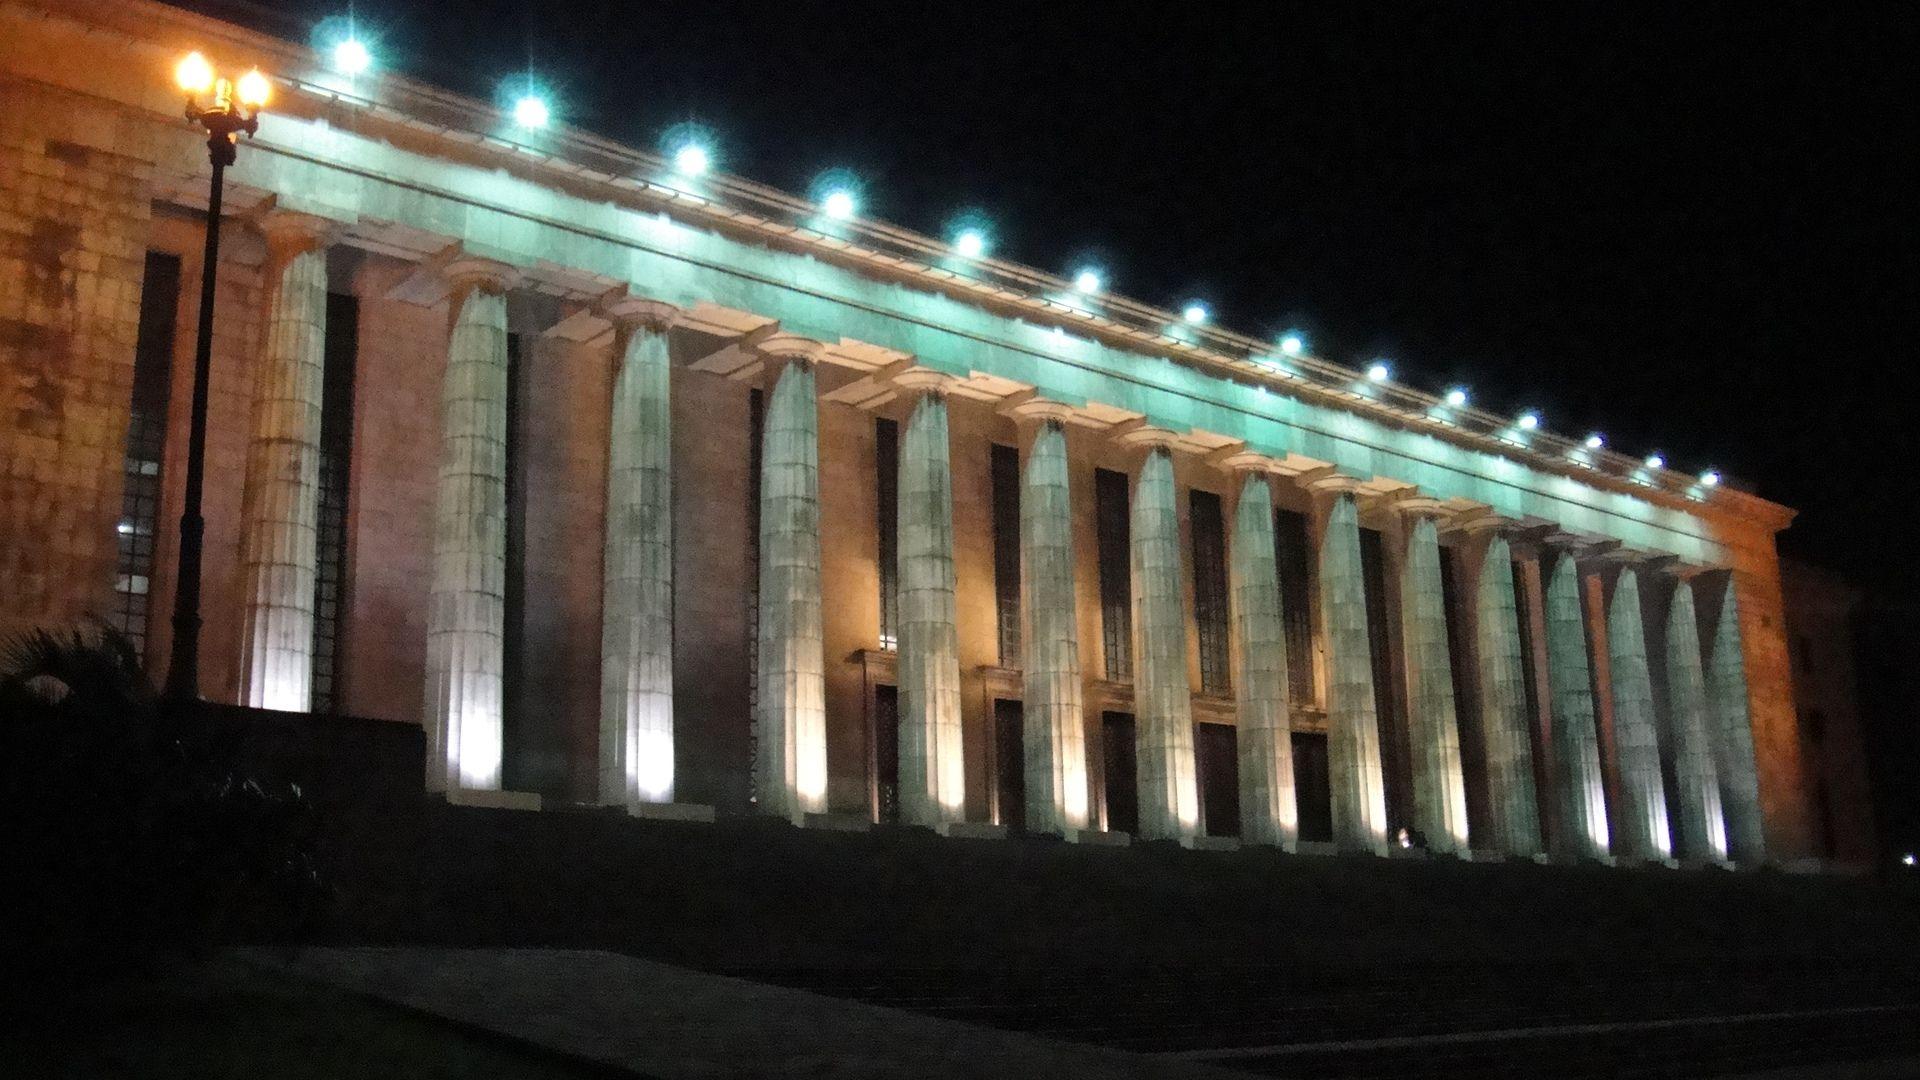 Facultad de Derecho, Ciudad de Buenos Aires. Para más info > www.facebook.com/viajaportupais